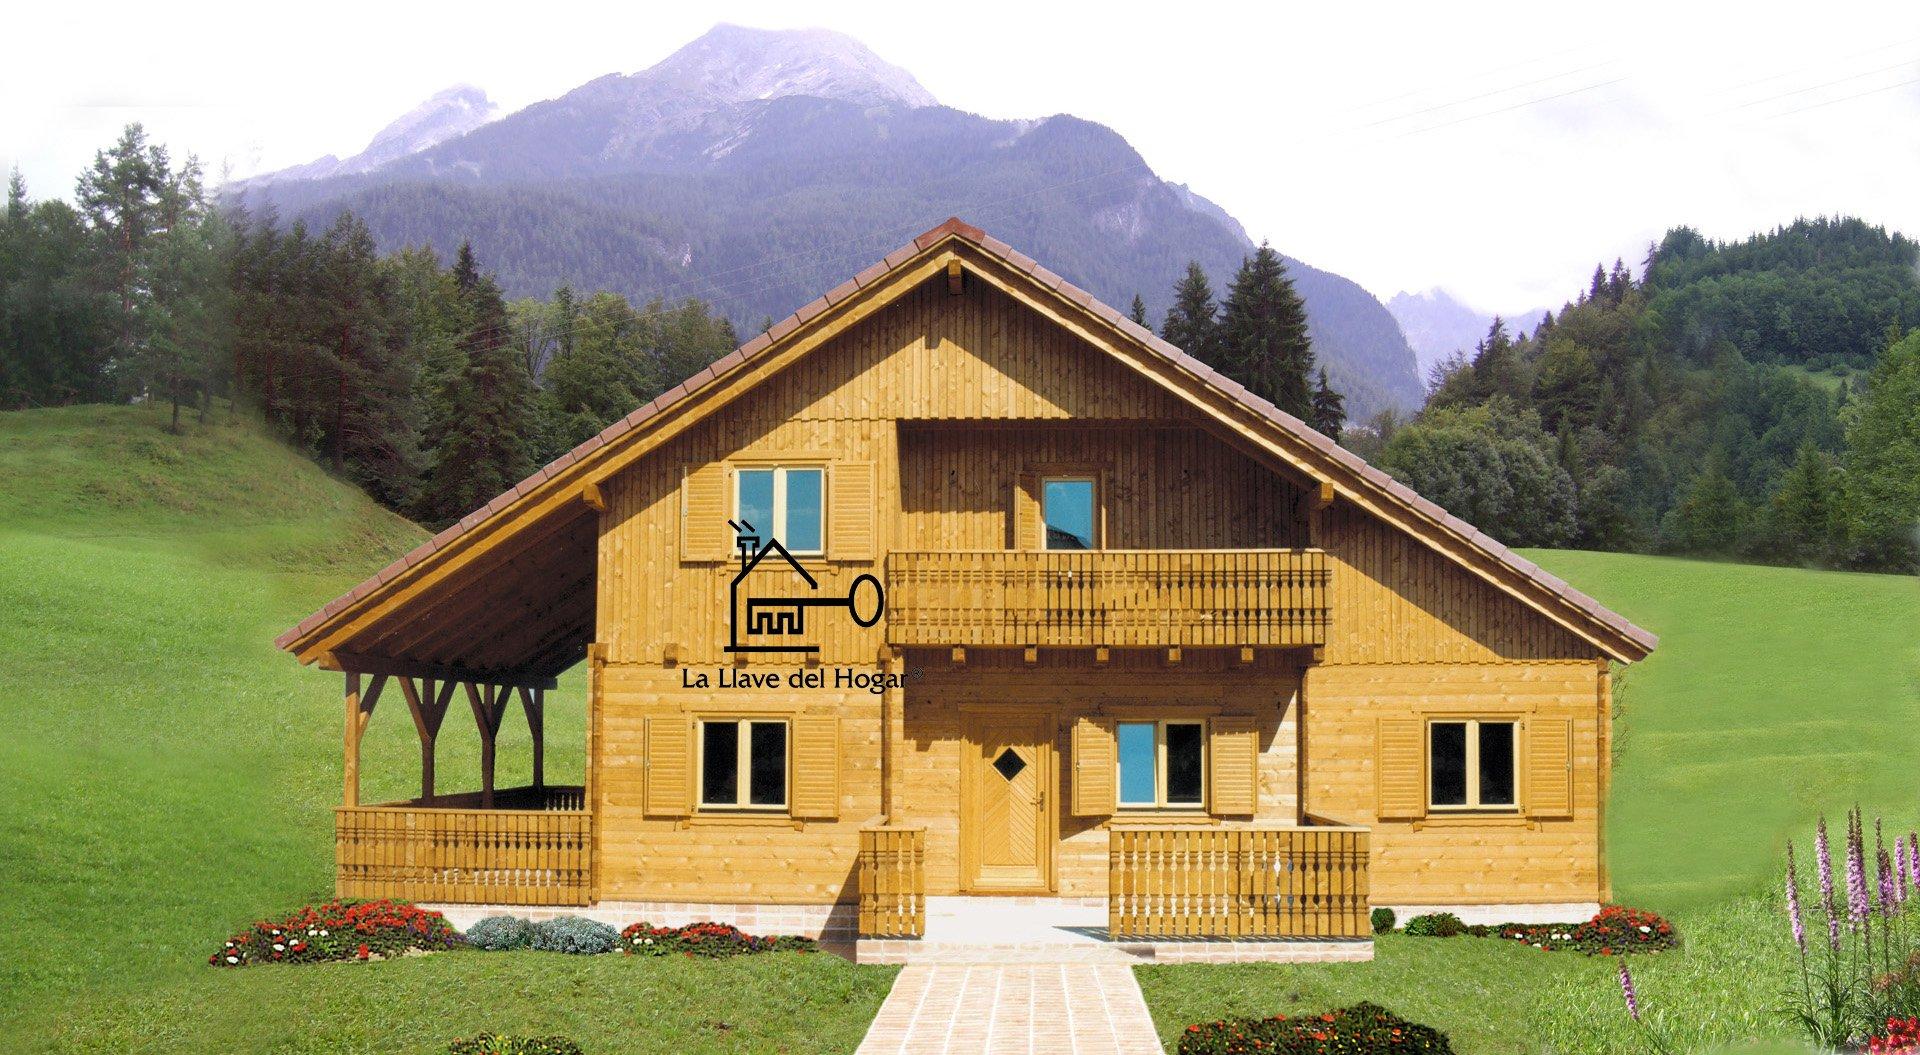 La llave del hogar casas de madera y entramado ligero - Casas prefabricada de madera ...